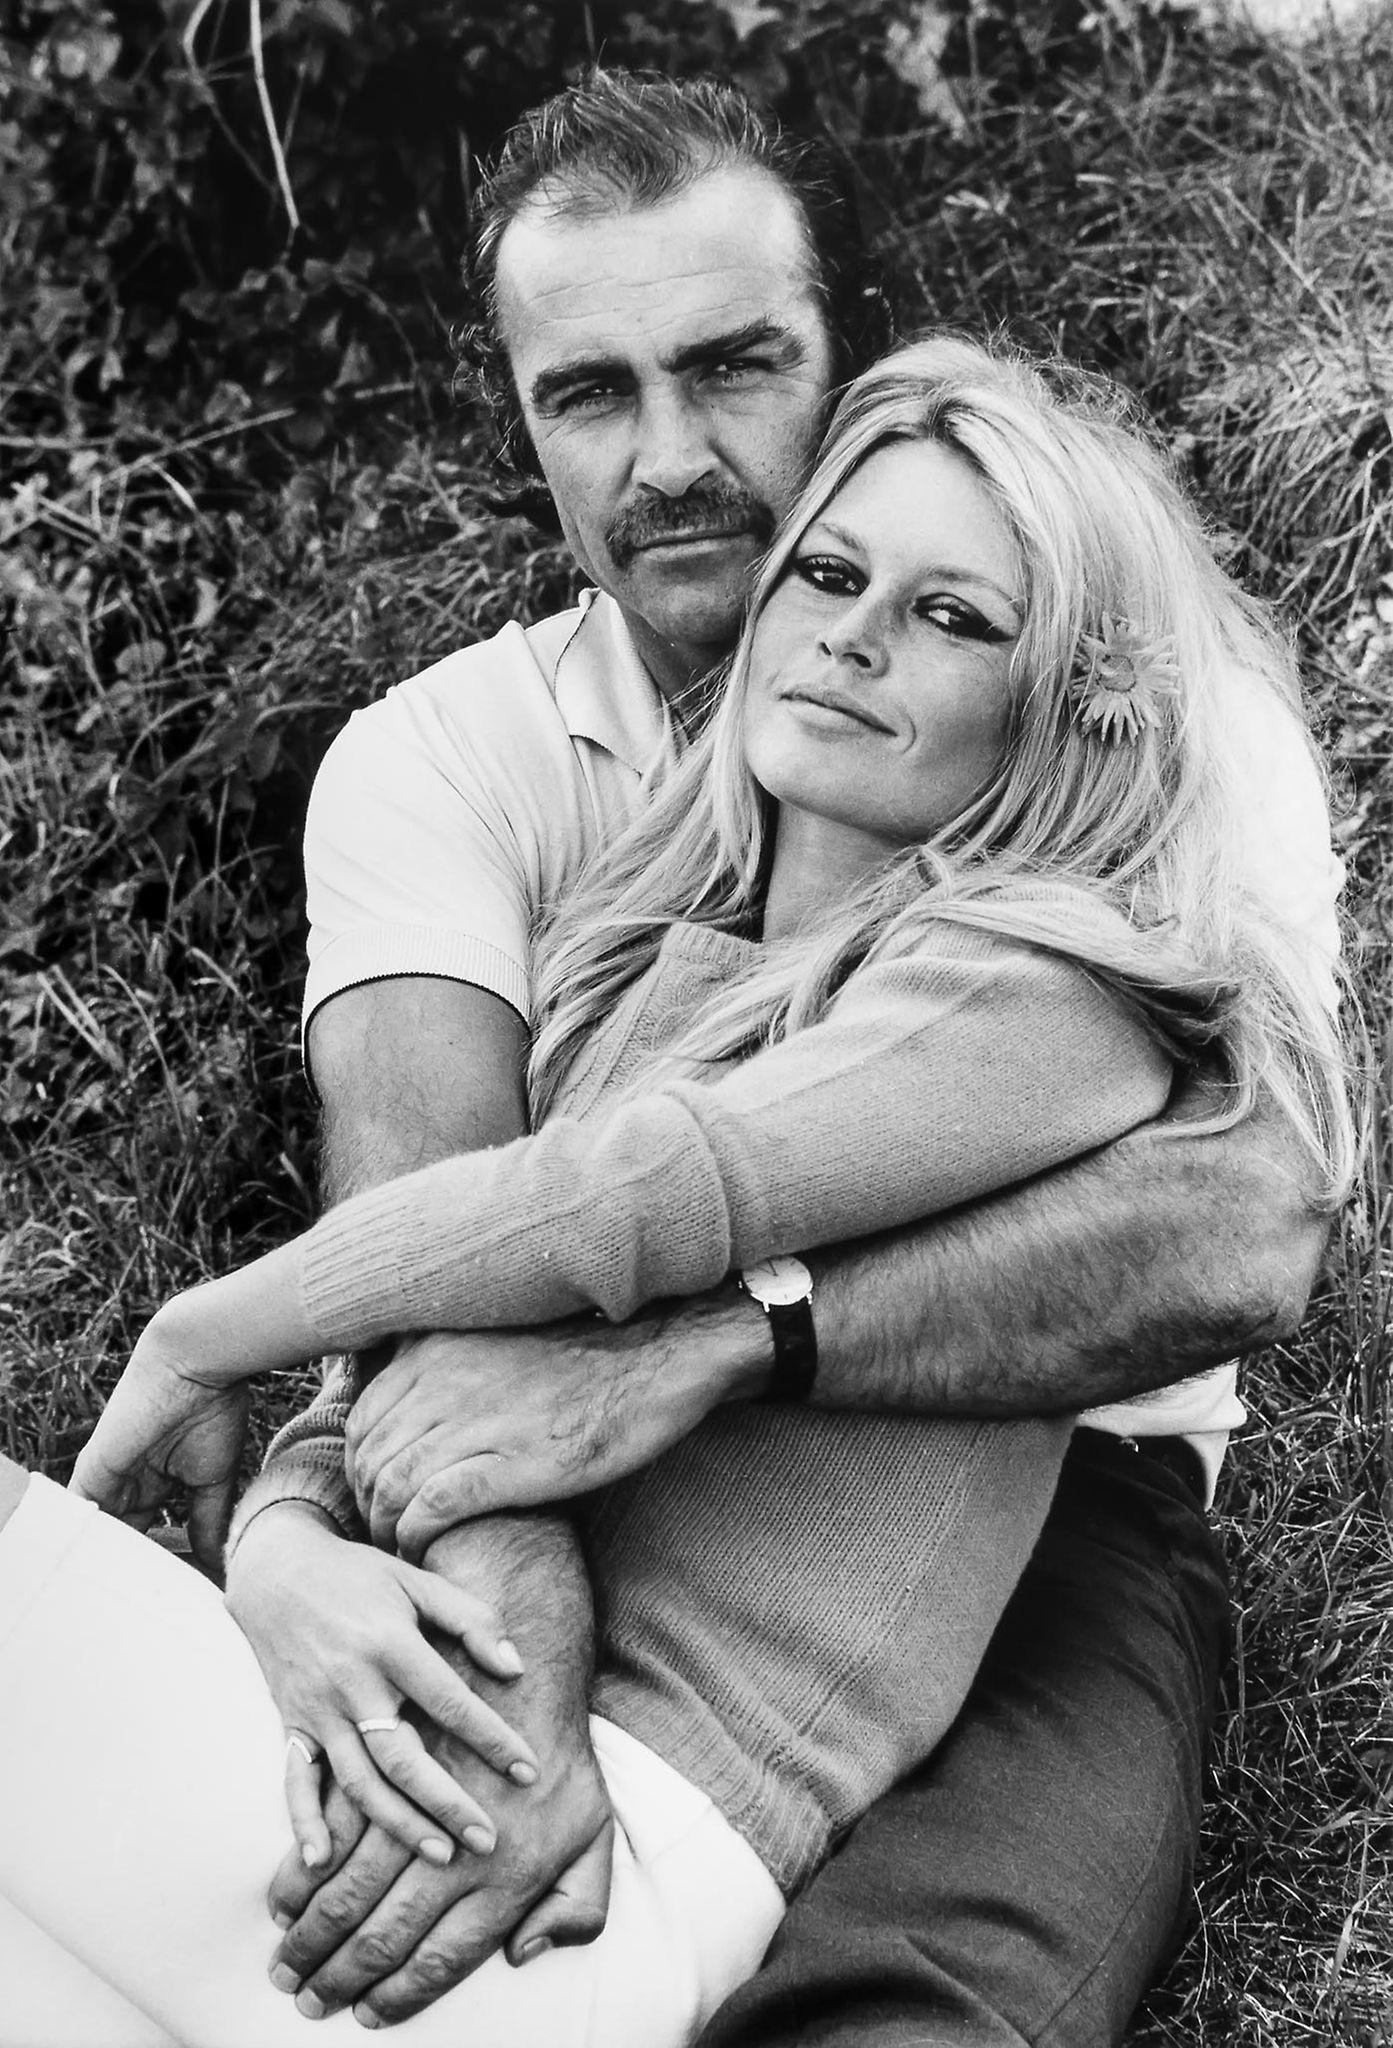 Hình Nền đàn Bà Mô Hình Vàng Tóc Dài Brigitte Bardot